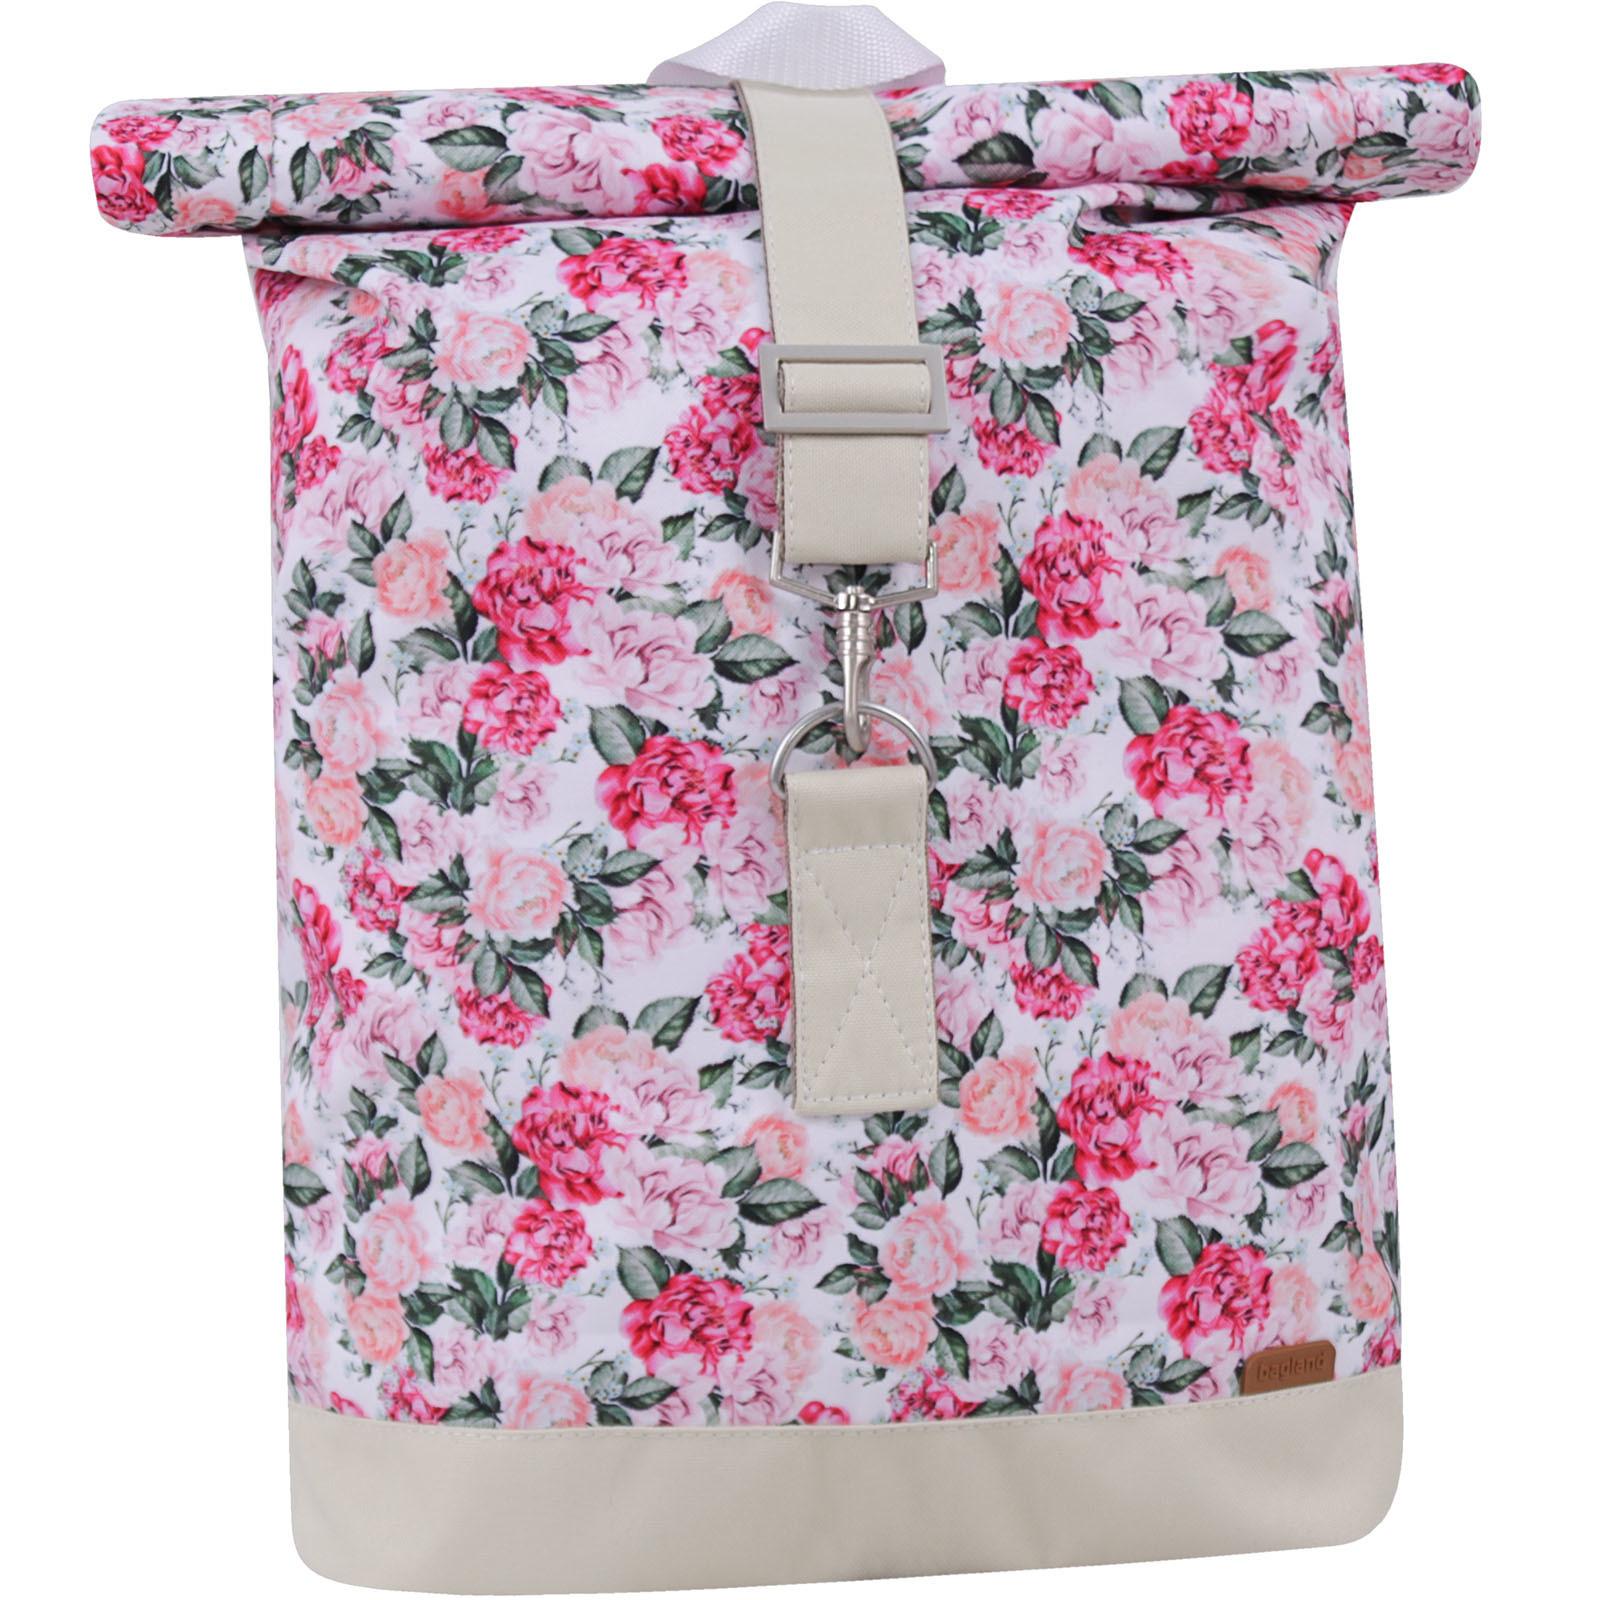 Женские рюкзаки Рюкзак Bagland Florence 23 л. сублімація 793 (00571664) IMG_3955_суб793_-1600.jpg